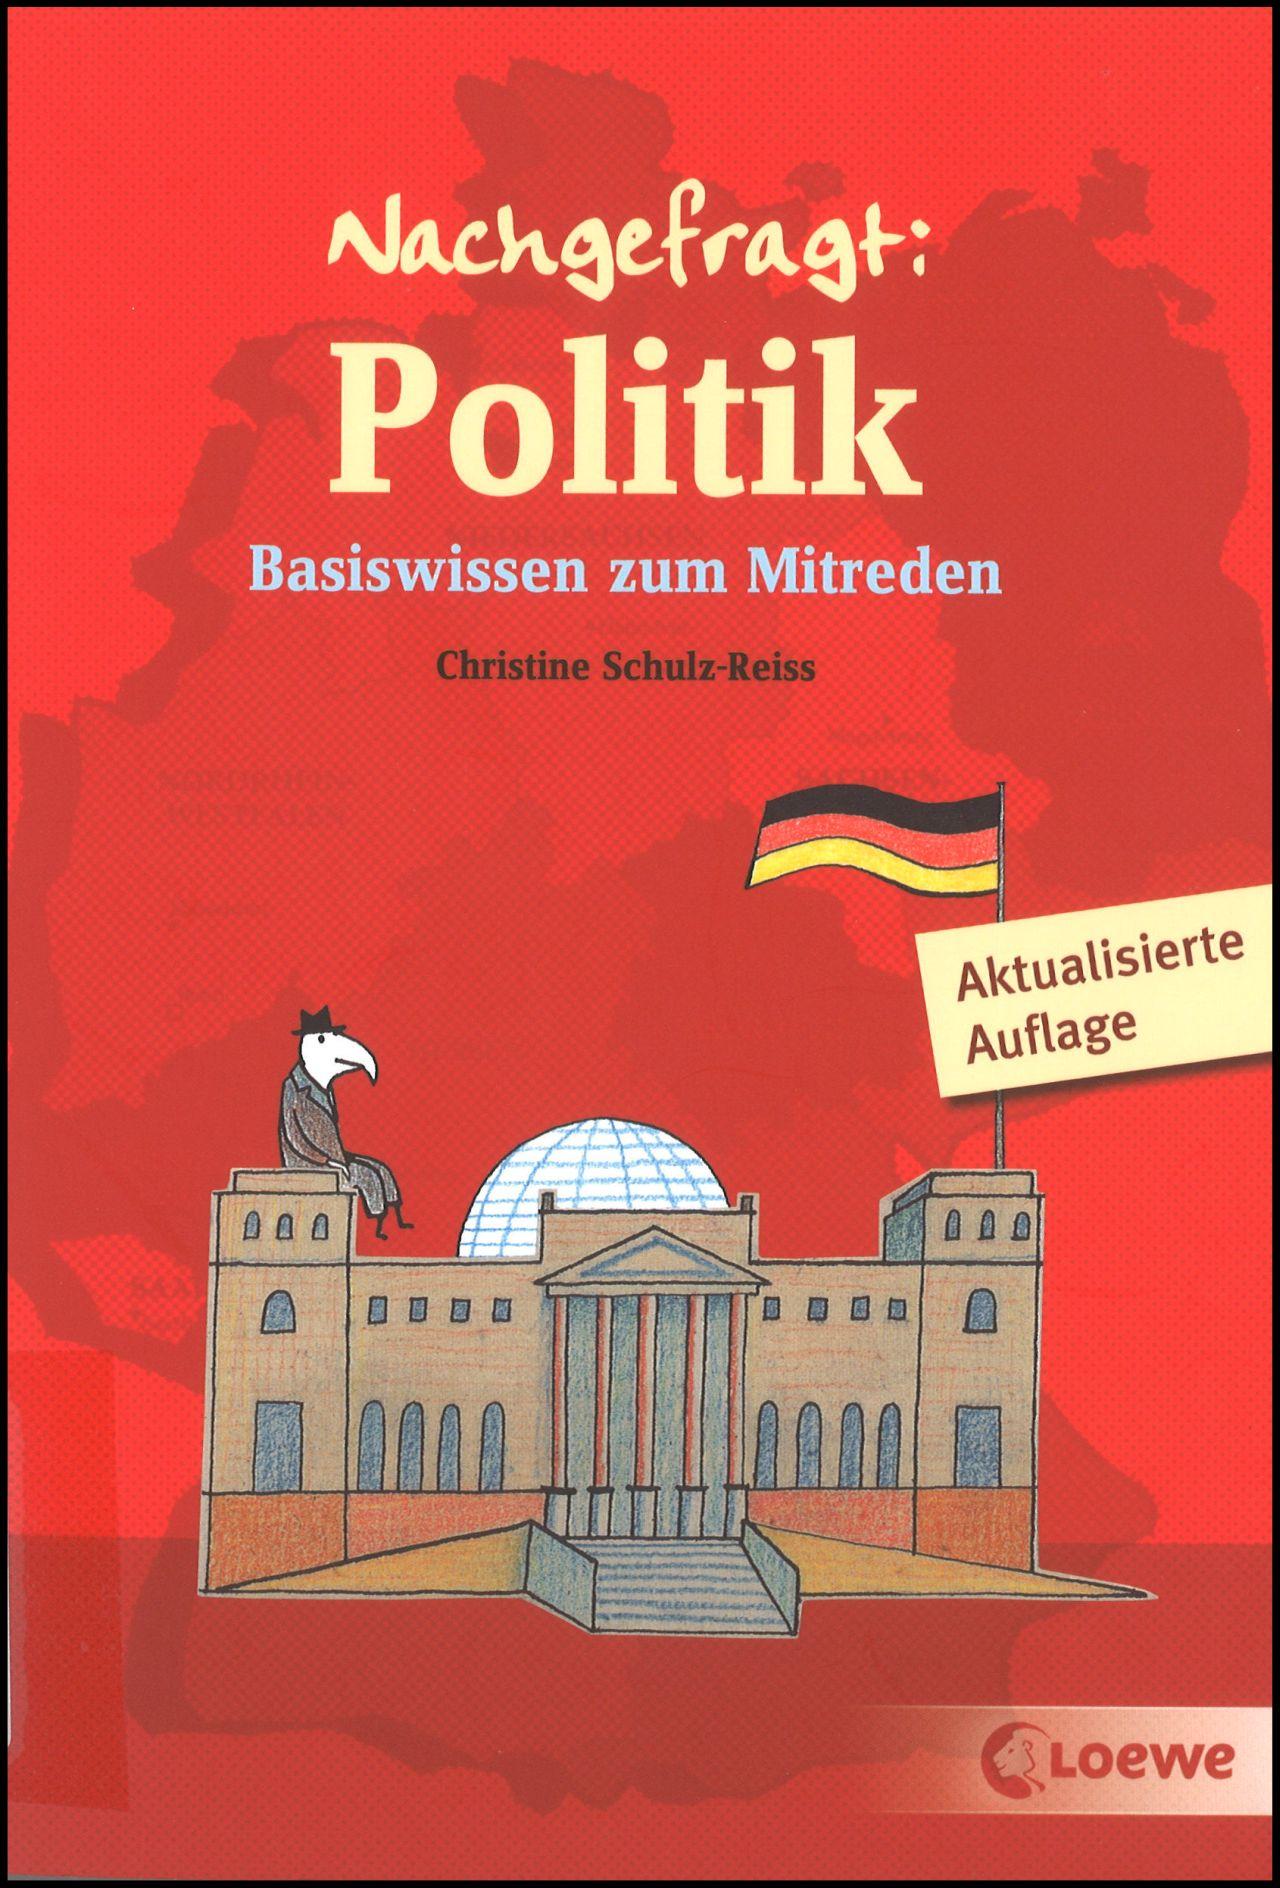 Politik : Basiswissen zum Mitreden